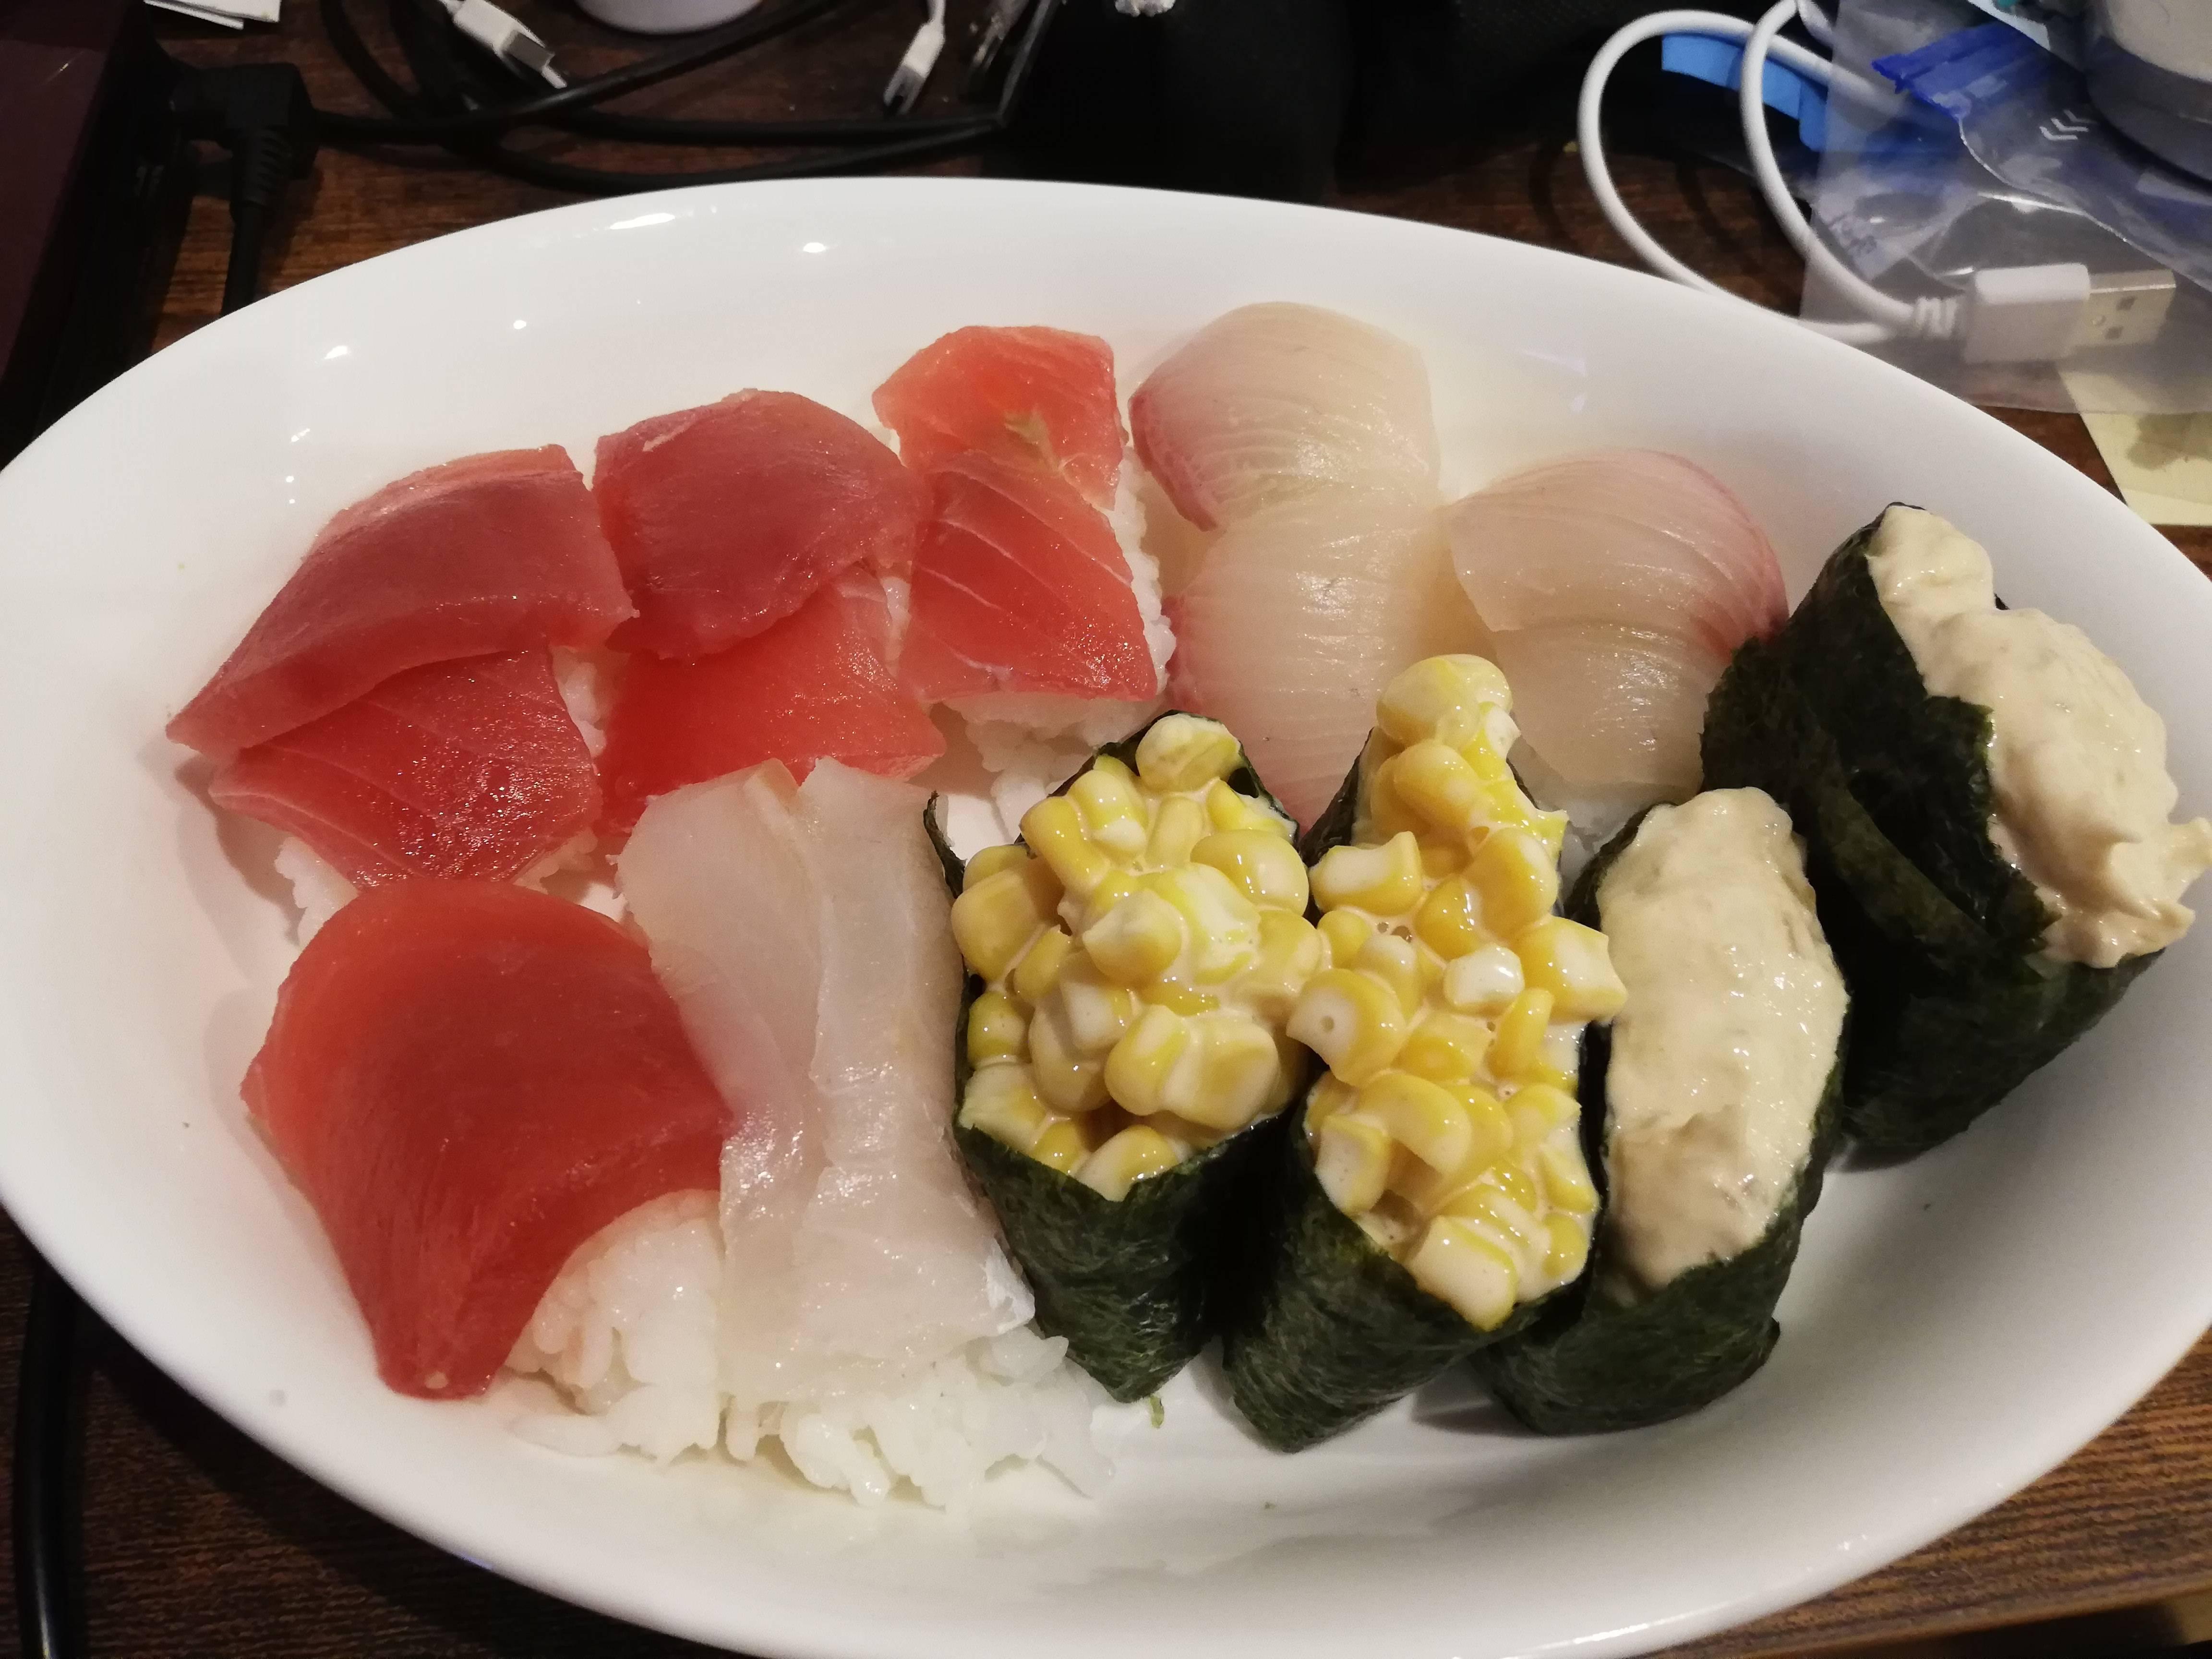 【画像有】寿司作ったんだが点数つけてくれ